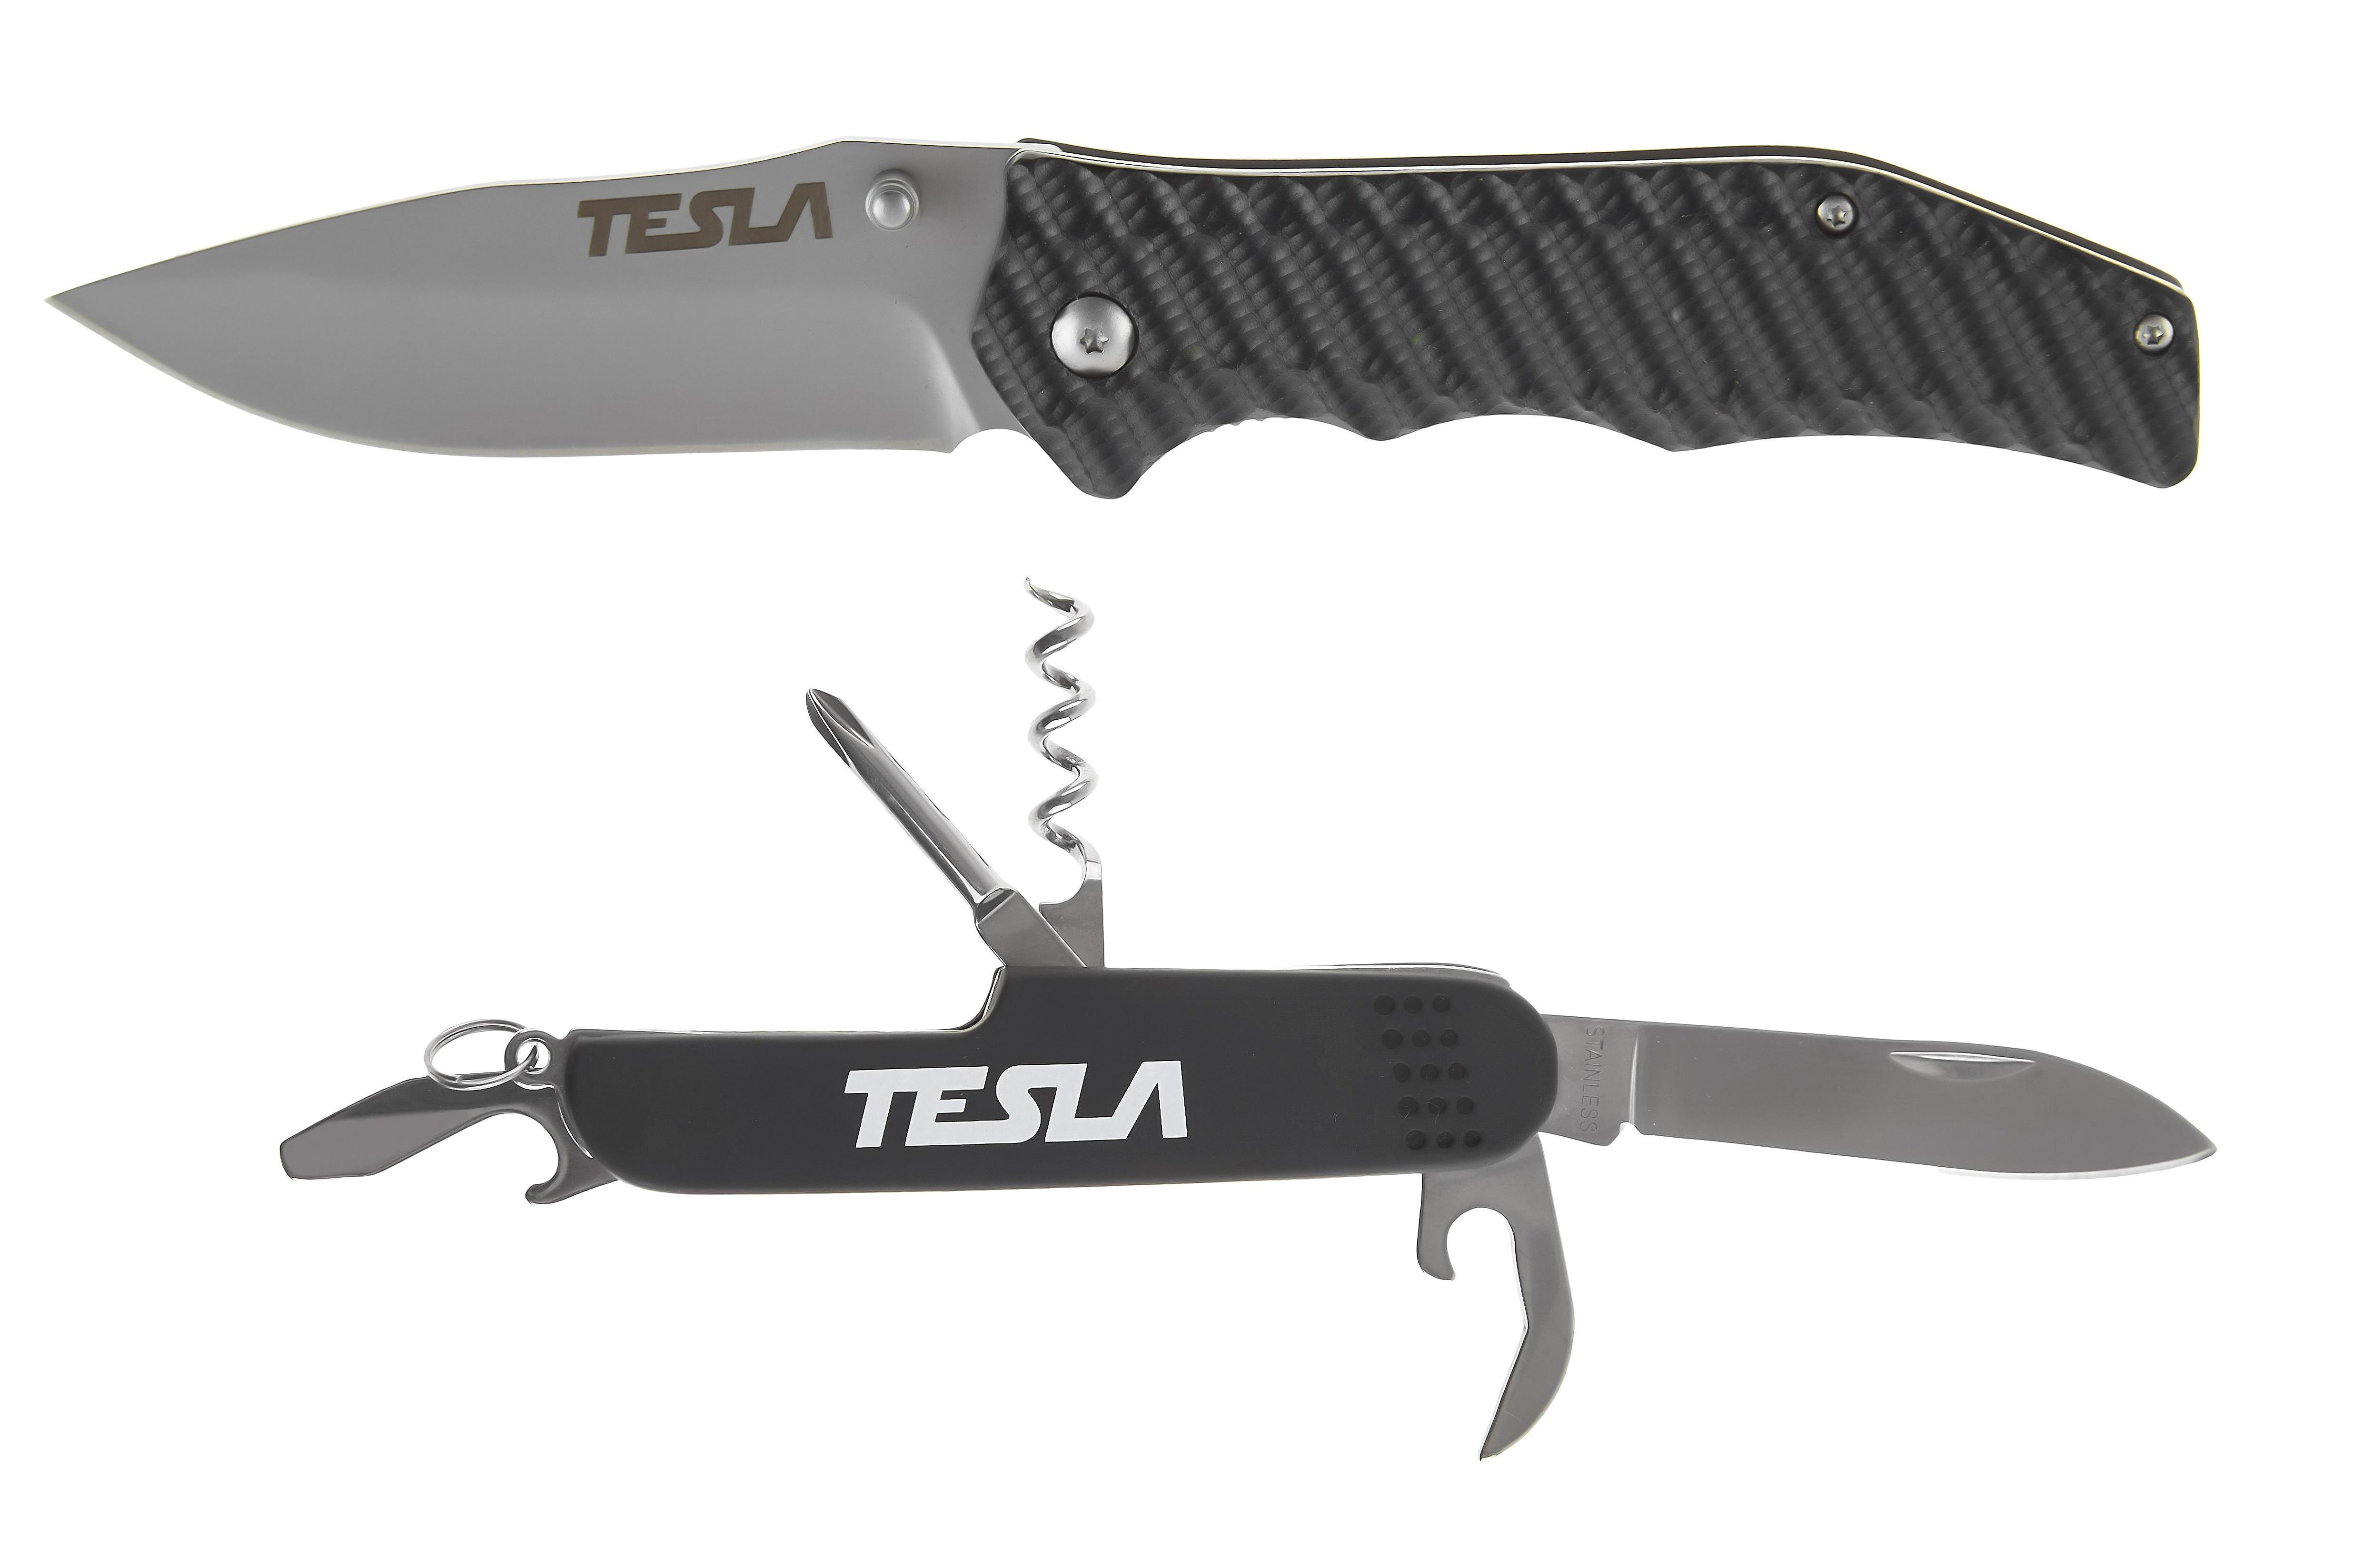 Набор Tesla Нож kf-02 +Нож km-02